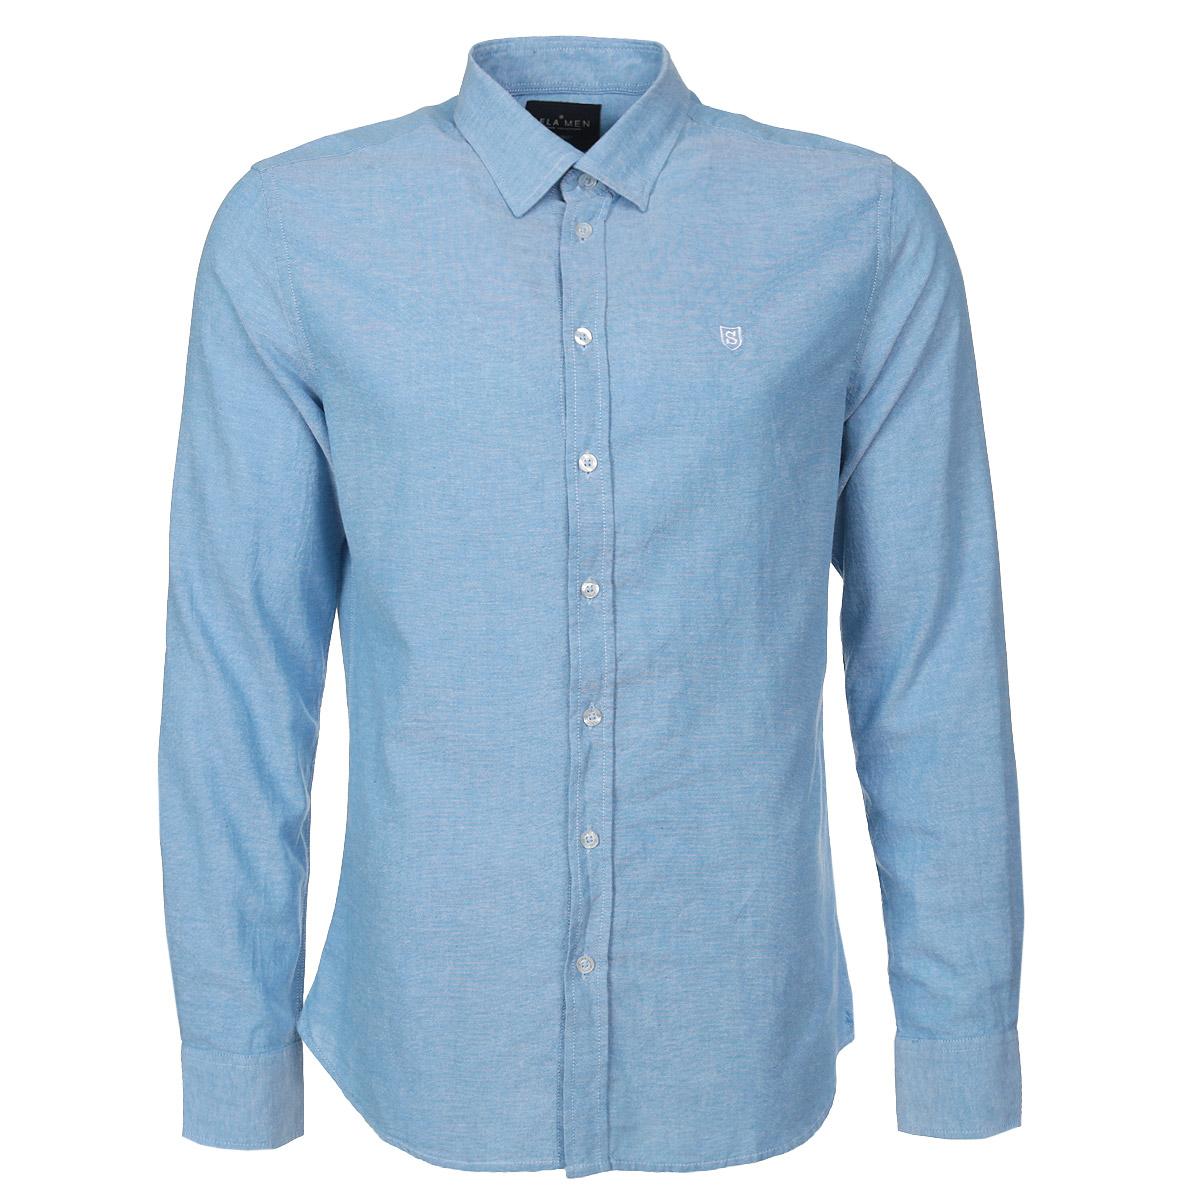 Рубашка мужская. H-212/211-5331H-212/211-5331Модная мужская рубашка Sela займет достойное место в вашем гардеробе. Модель выполнена из натурального хлопка, необычайно мягкого и приятного на ощупь, не сковывает движения и позволяет коже дышать. Рубашка прямого кроя, с отложным воротником, длинными рукавами и полукруглым низом застегивается на пуговицы по всей длине изделия. На груди модель оформлена небольшой вышивкой в виде буквы S. Широкие манжеты также застегиваются на пуговицы. В такой рубашке вам будет комфортно и уютно. Отличный выбор на каждый день!